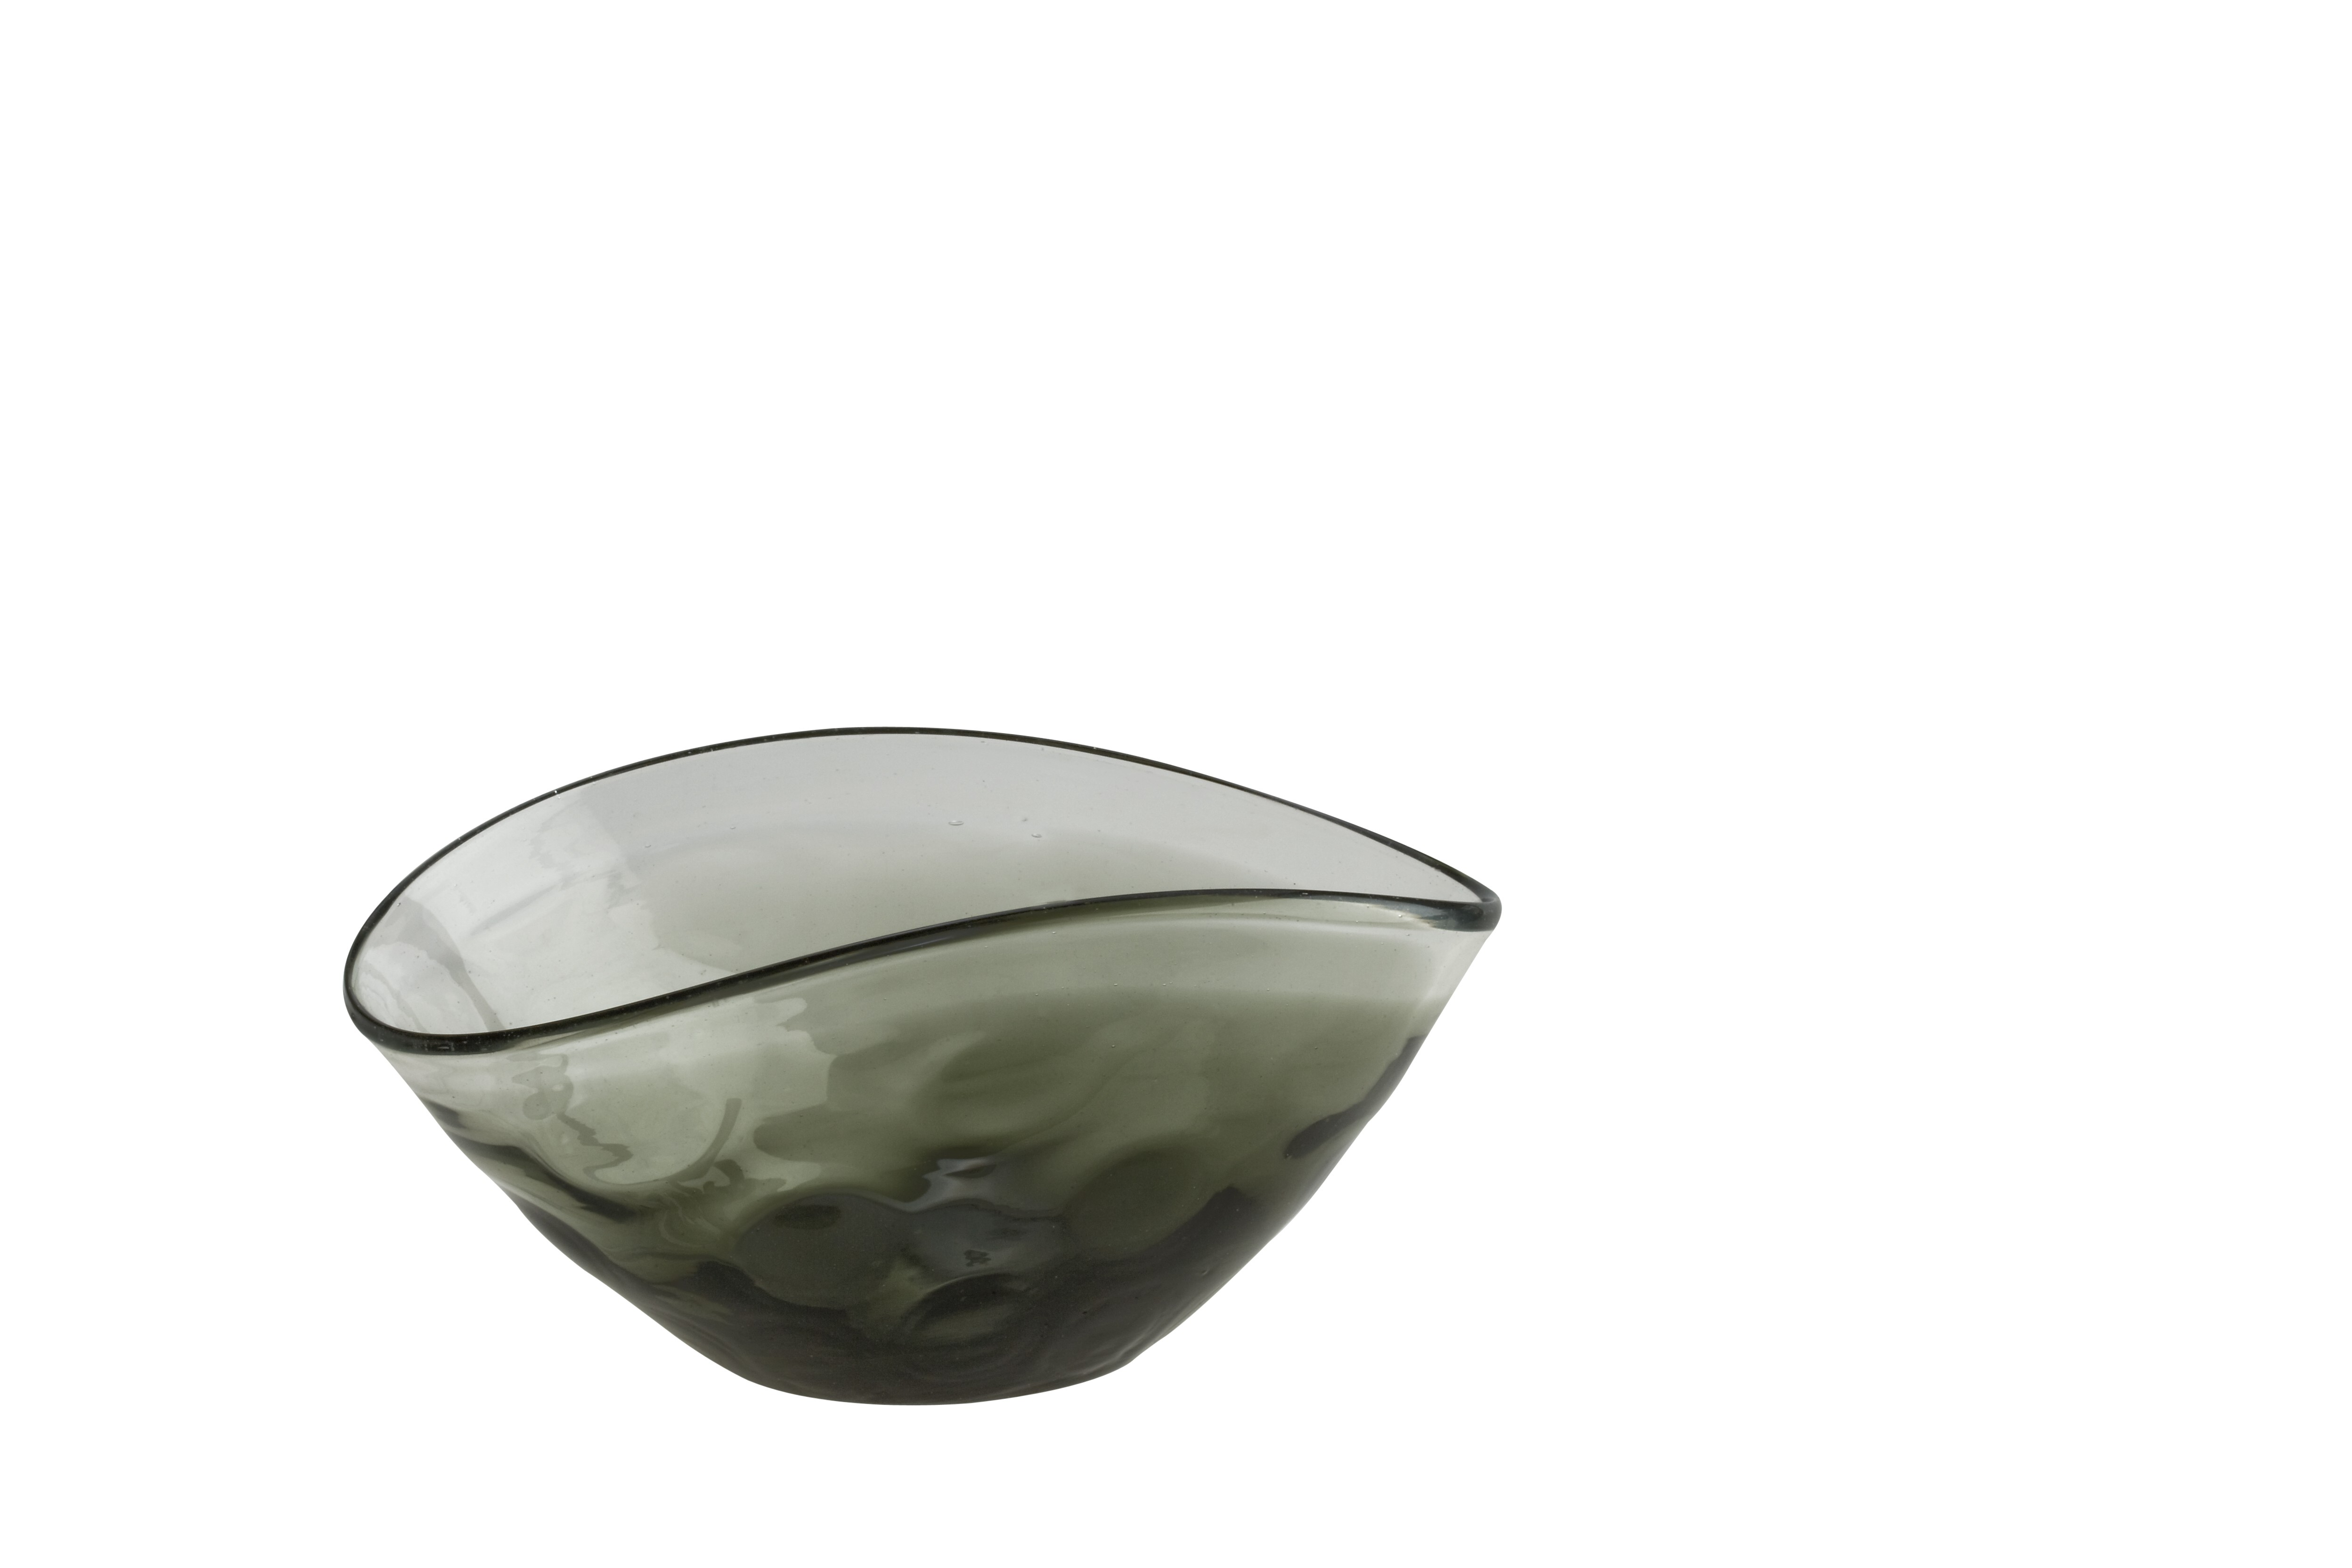 Κούπ Φάκελος Smokey Φυσητό Γυαλί 22.5cm home   κρυσταλλα  διακοσμηση   κρύσταλλα